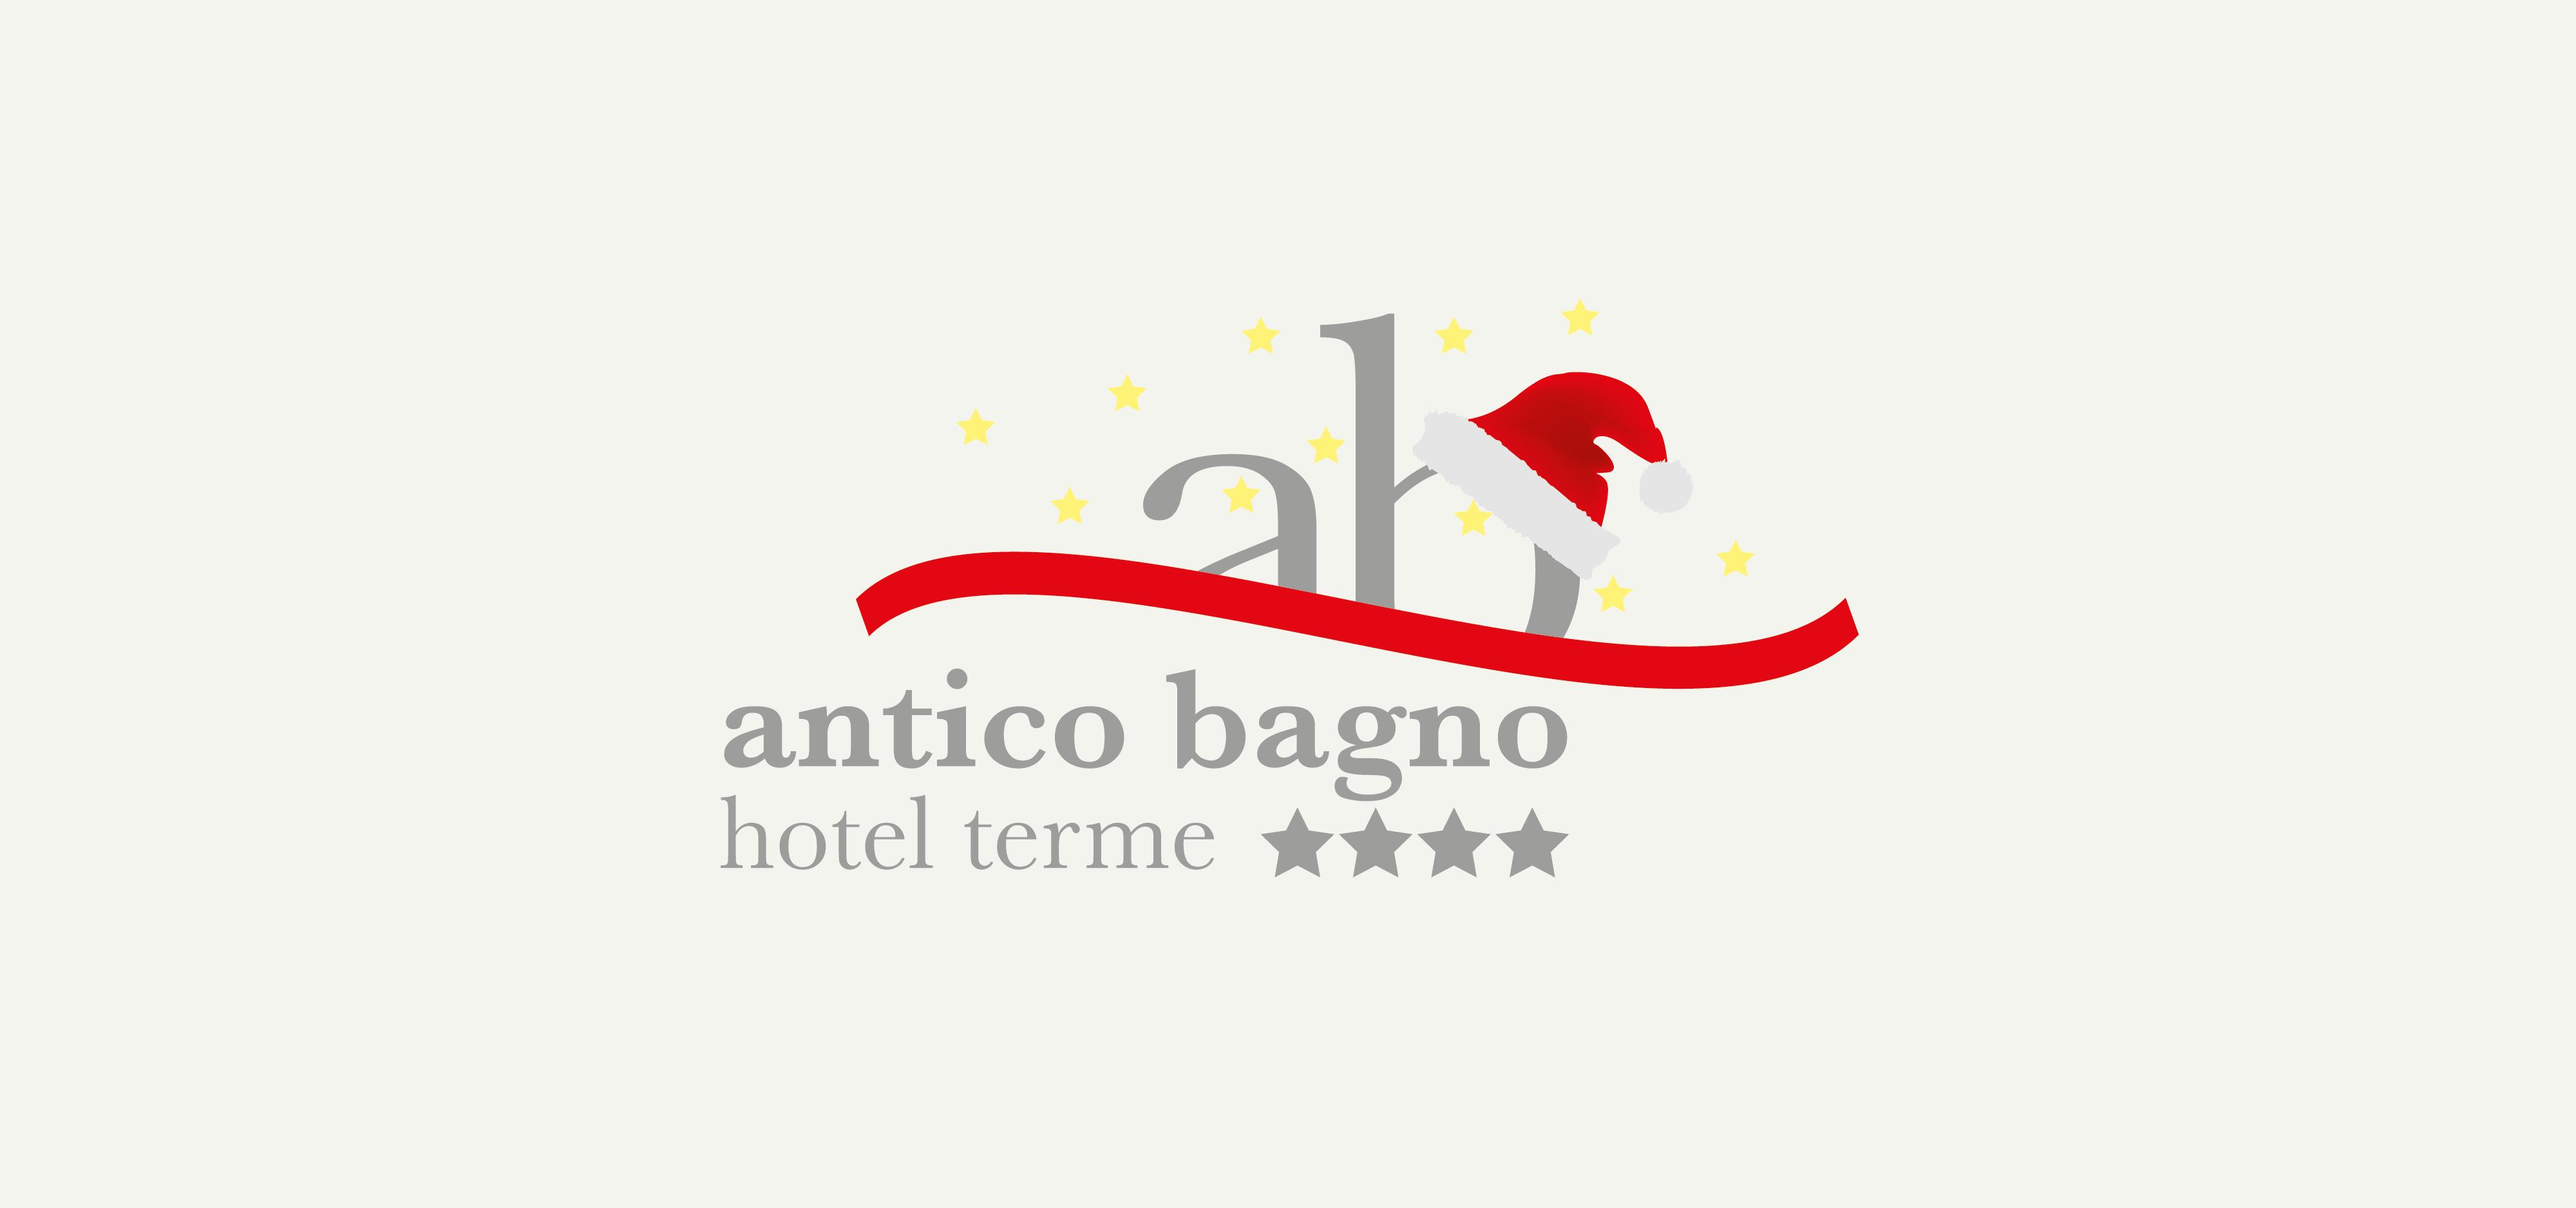 antico-bagno-16